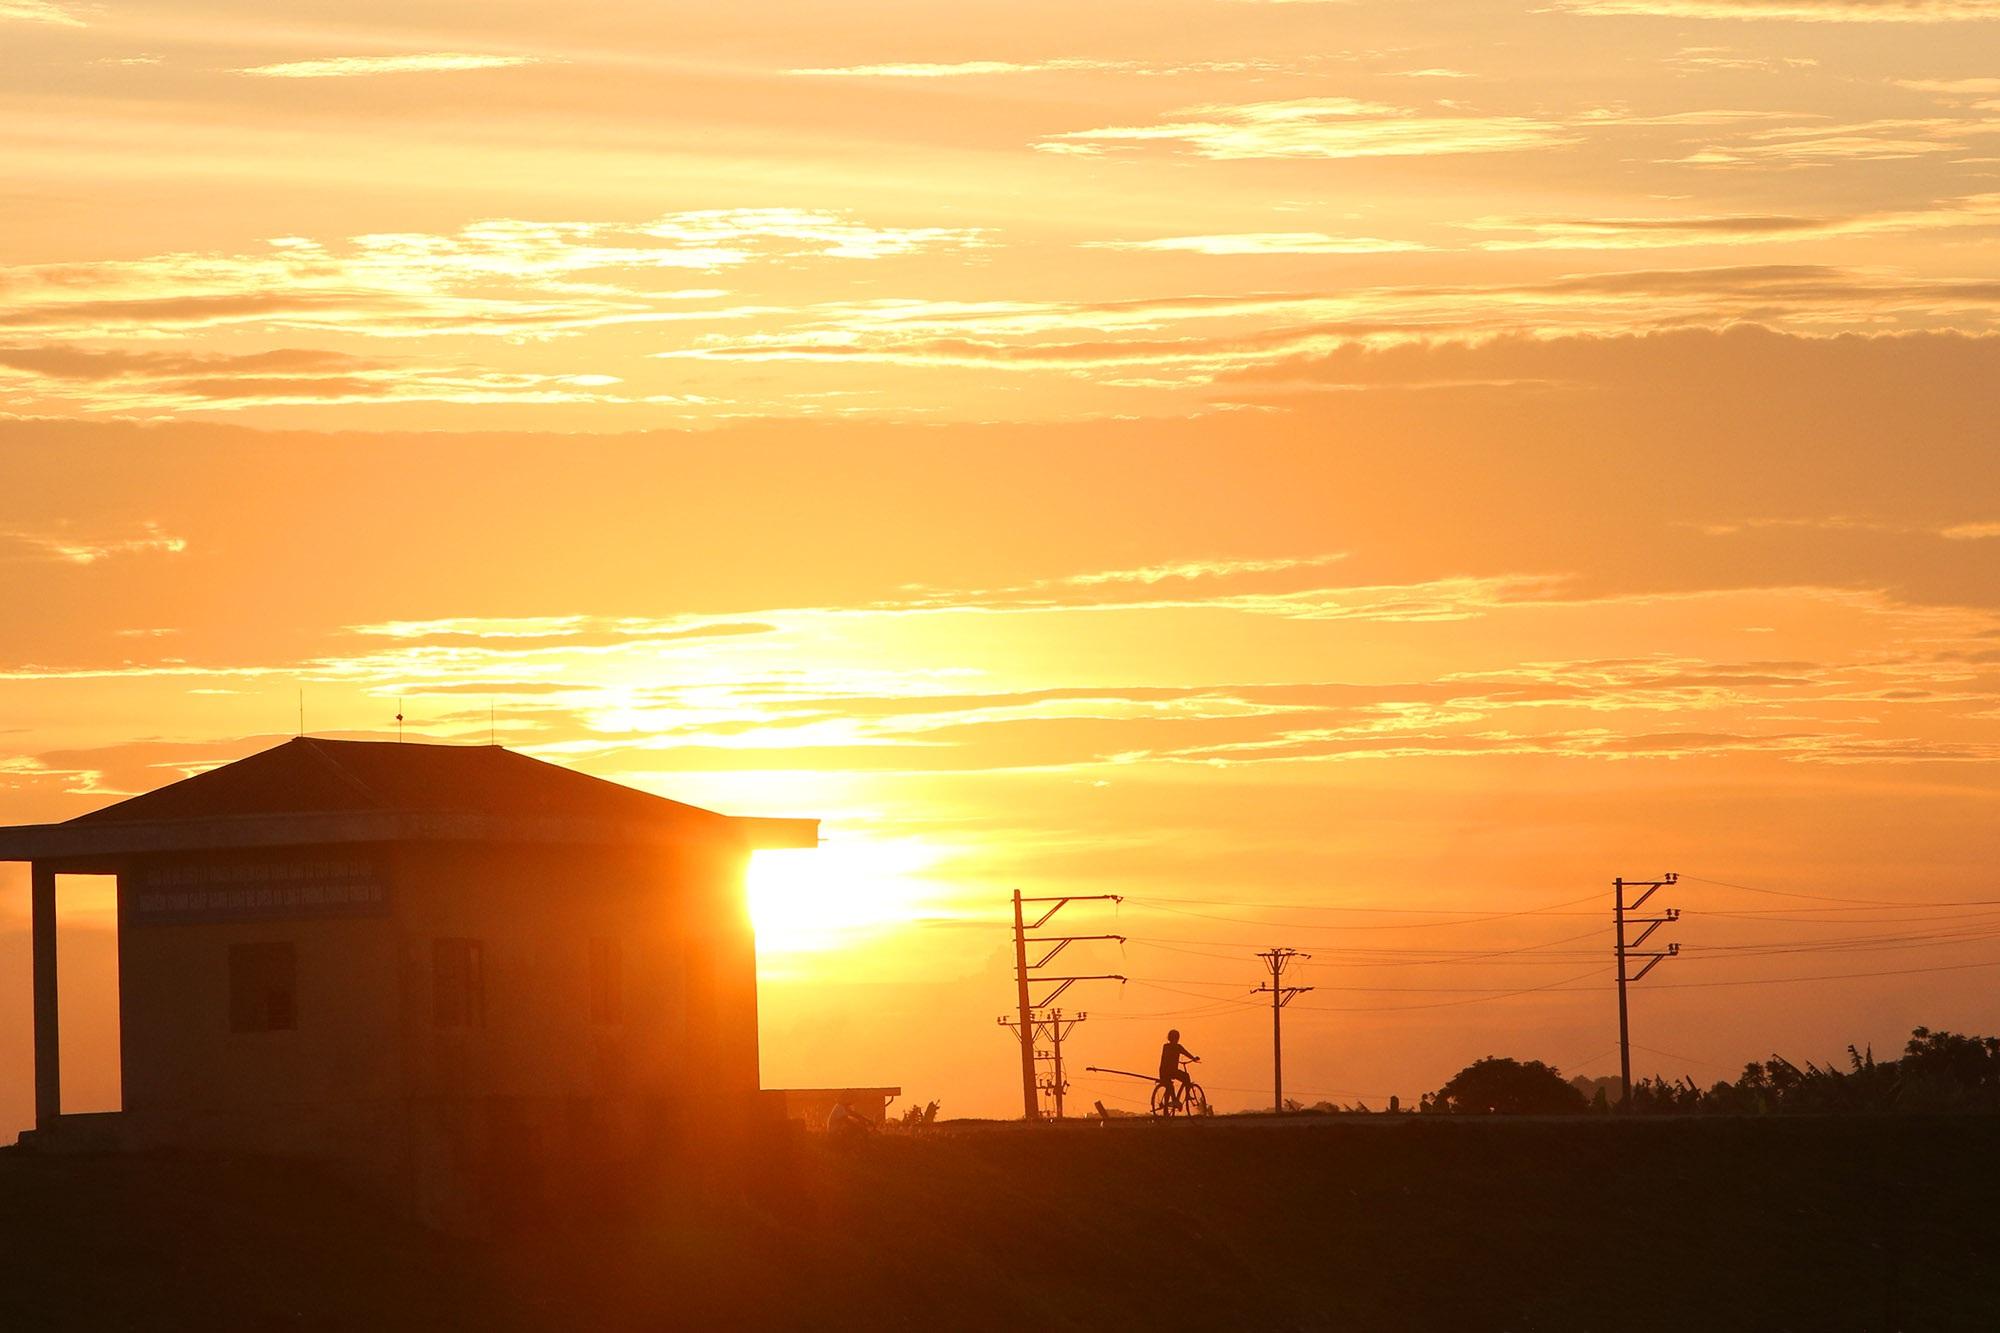 Phong cảnh bình yên nhìn từ những triền đê ở Hà Nội - 7